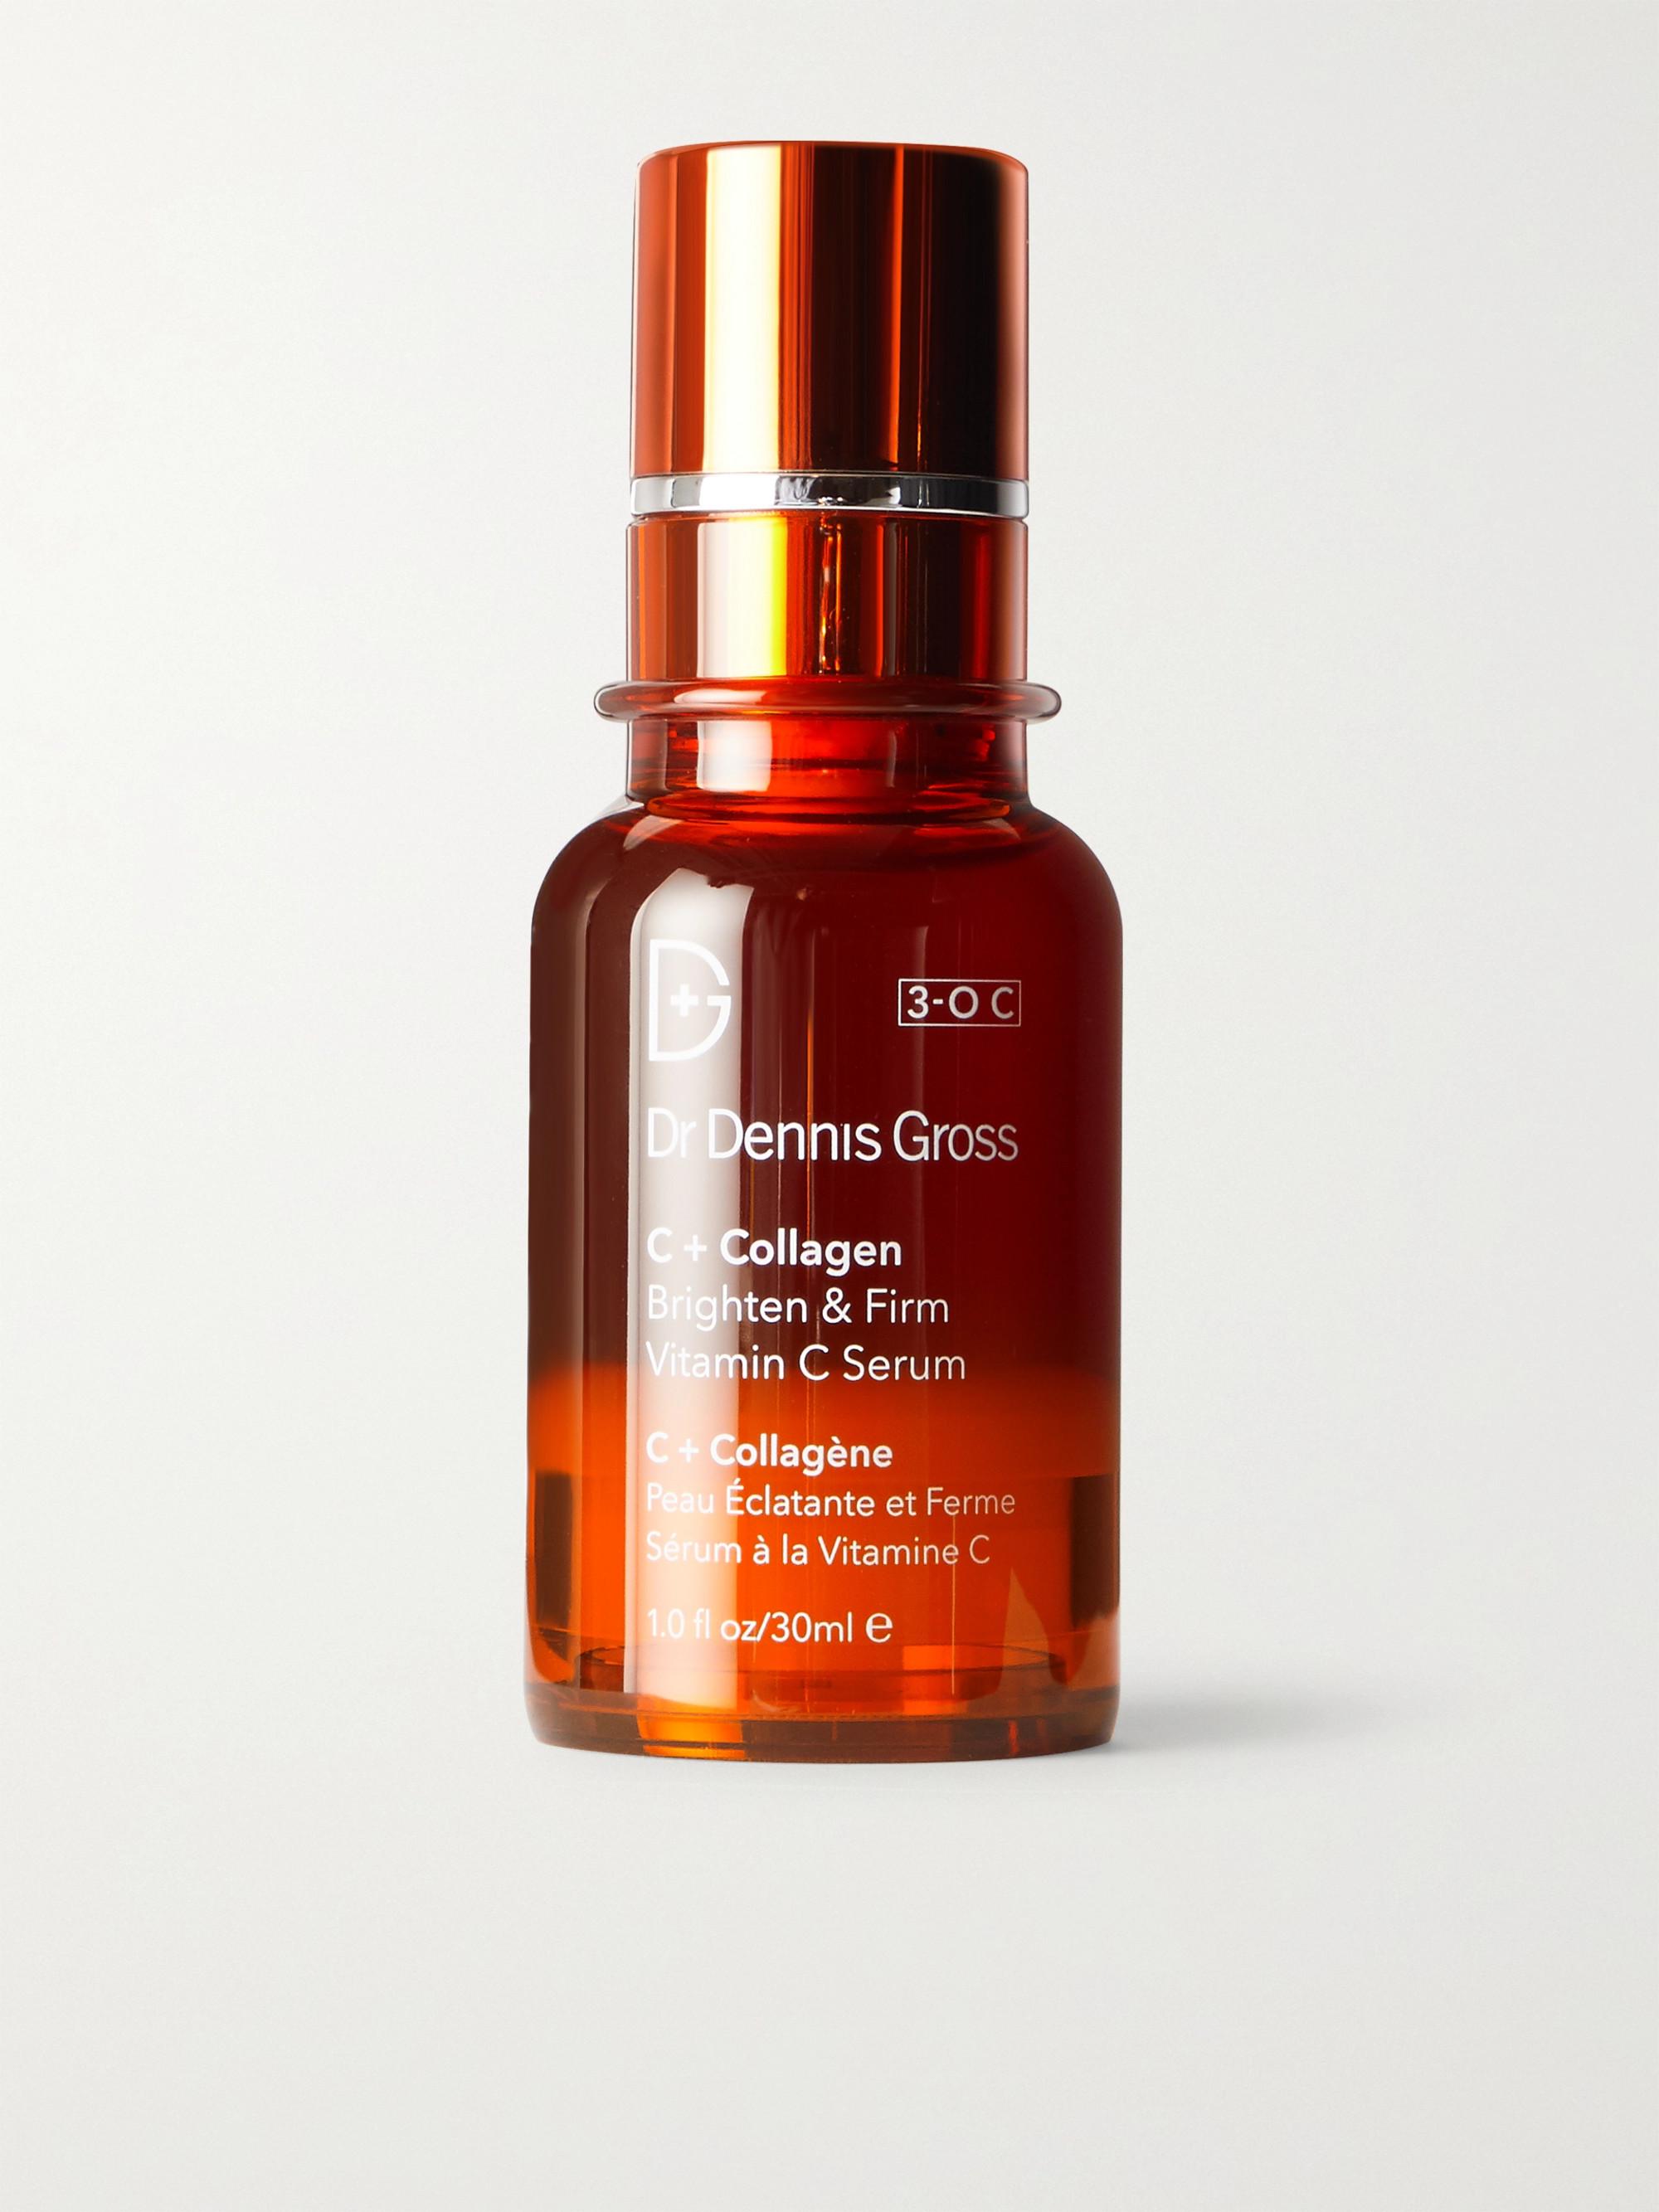 Dr Dennis Gross >> Colorless C Collagen Brighten And Firm Serum 30ml Dr Dennis